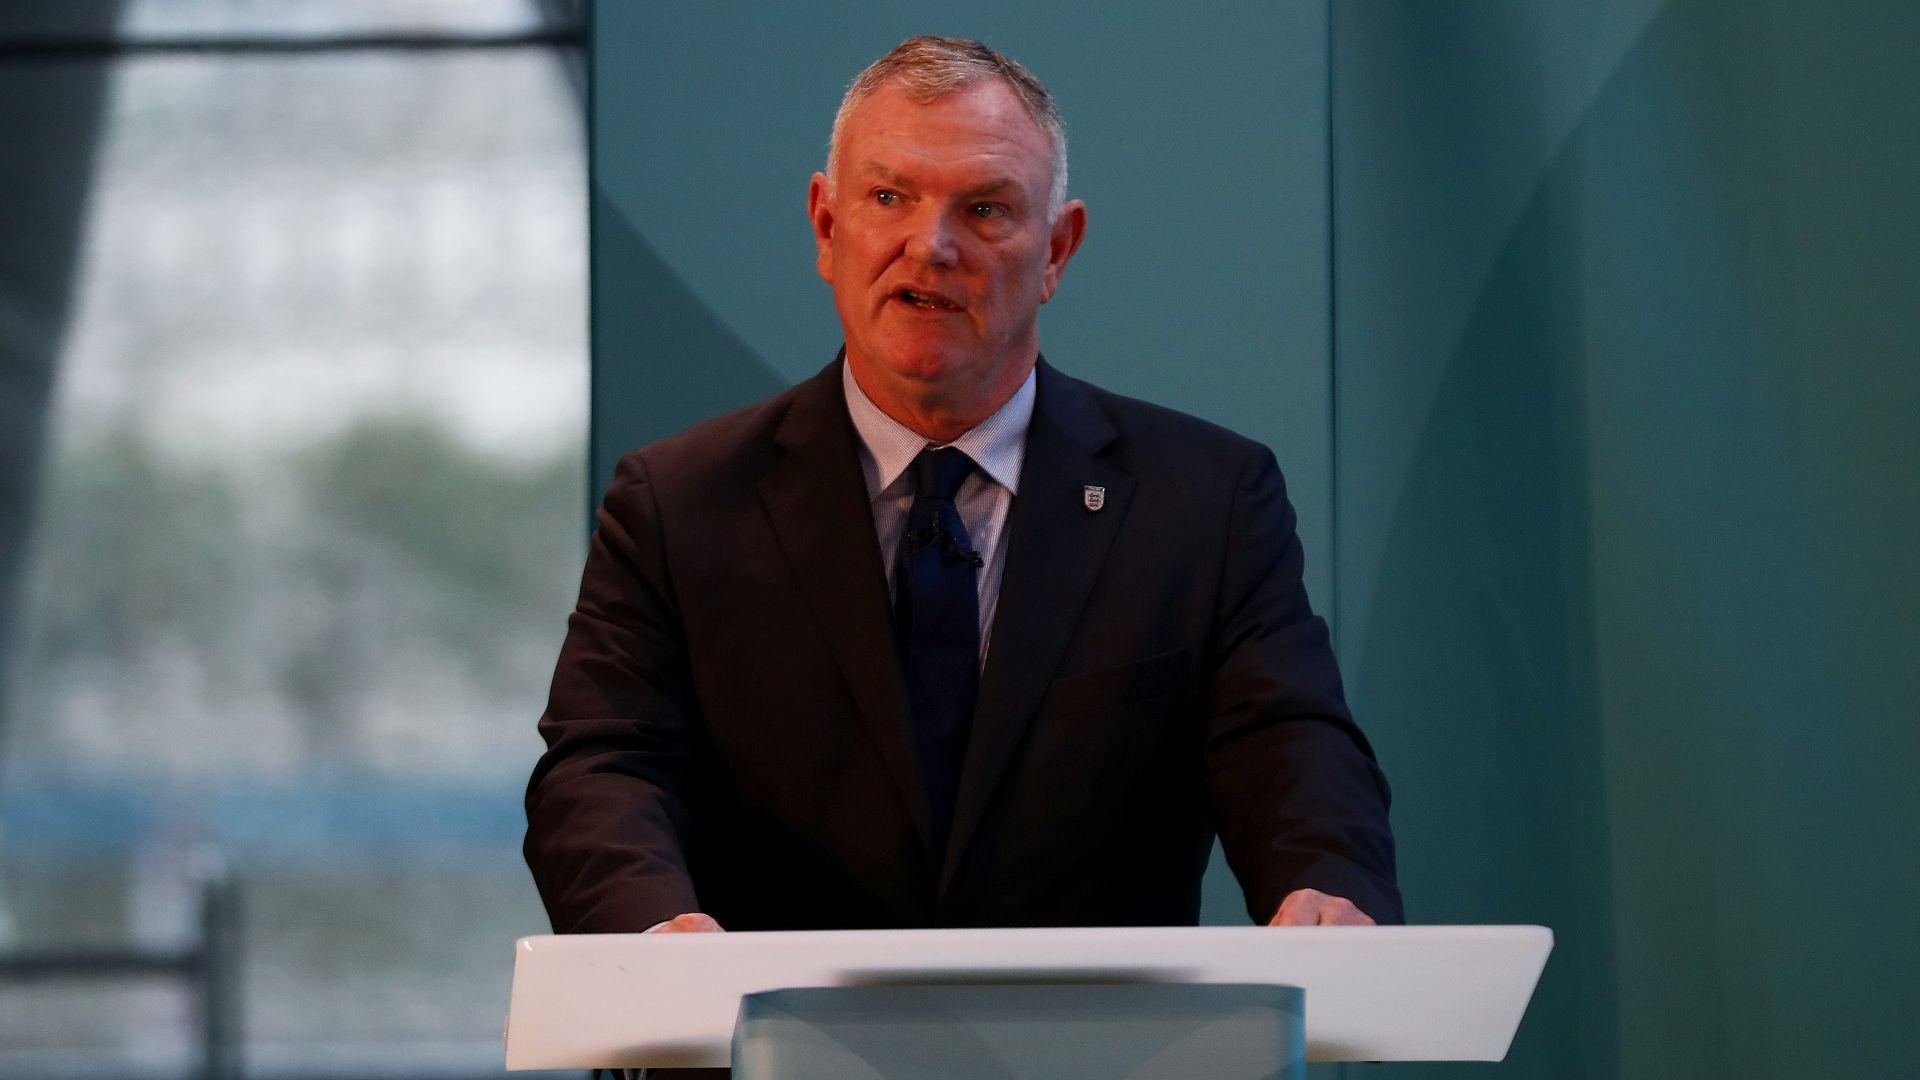 Шефът на английския футбол хвърли оставка след расистко изказване